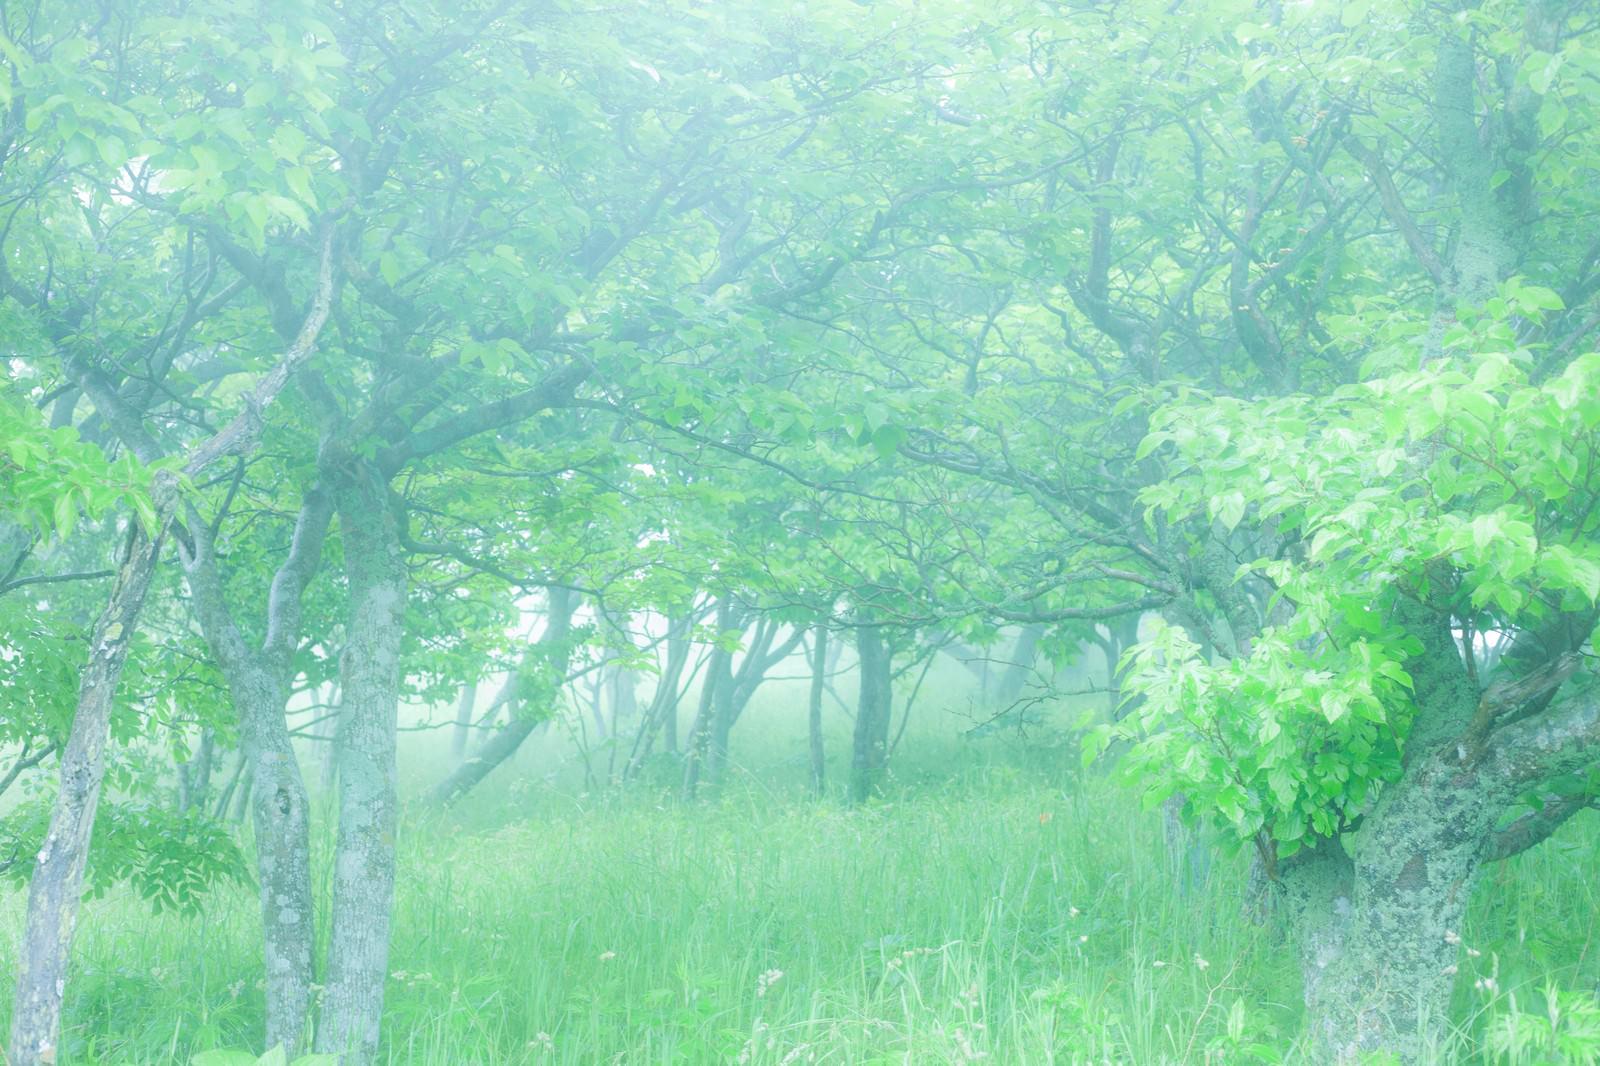 「朝露の時間、待ち合わせの場所へと向かう」の写真